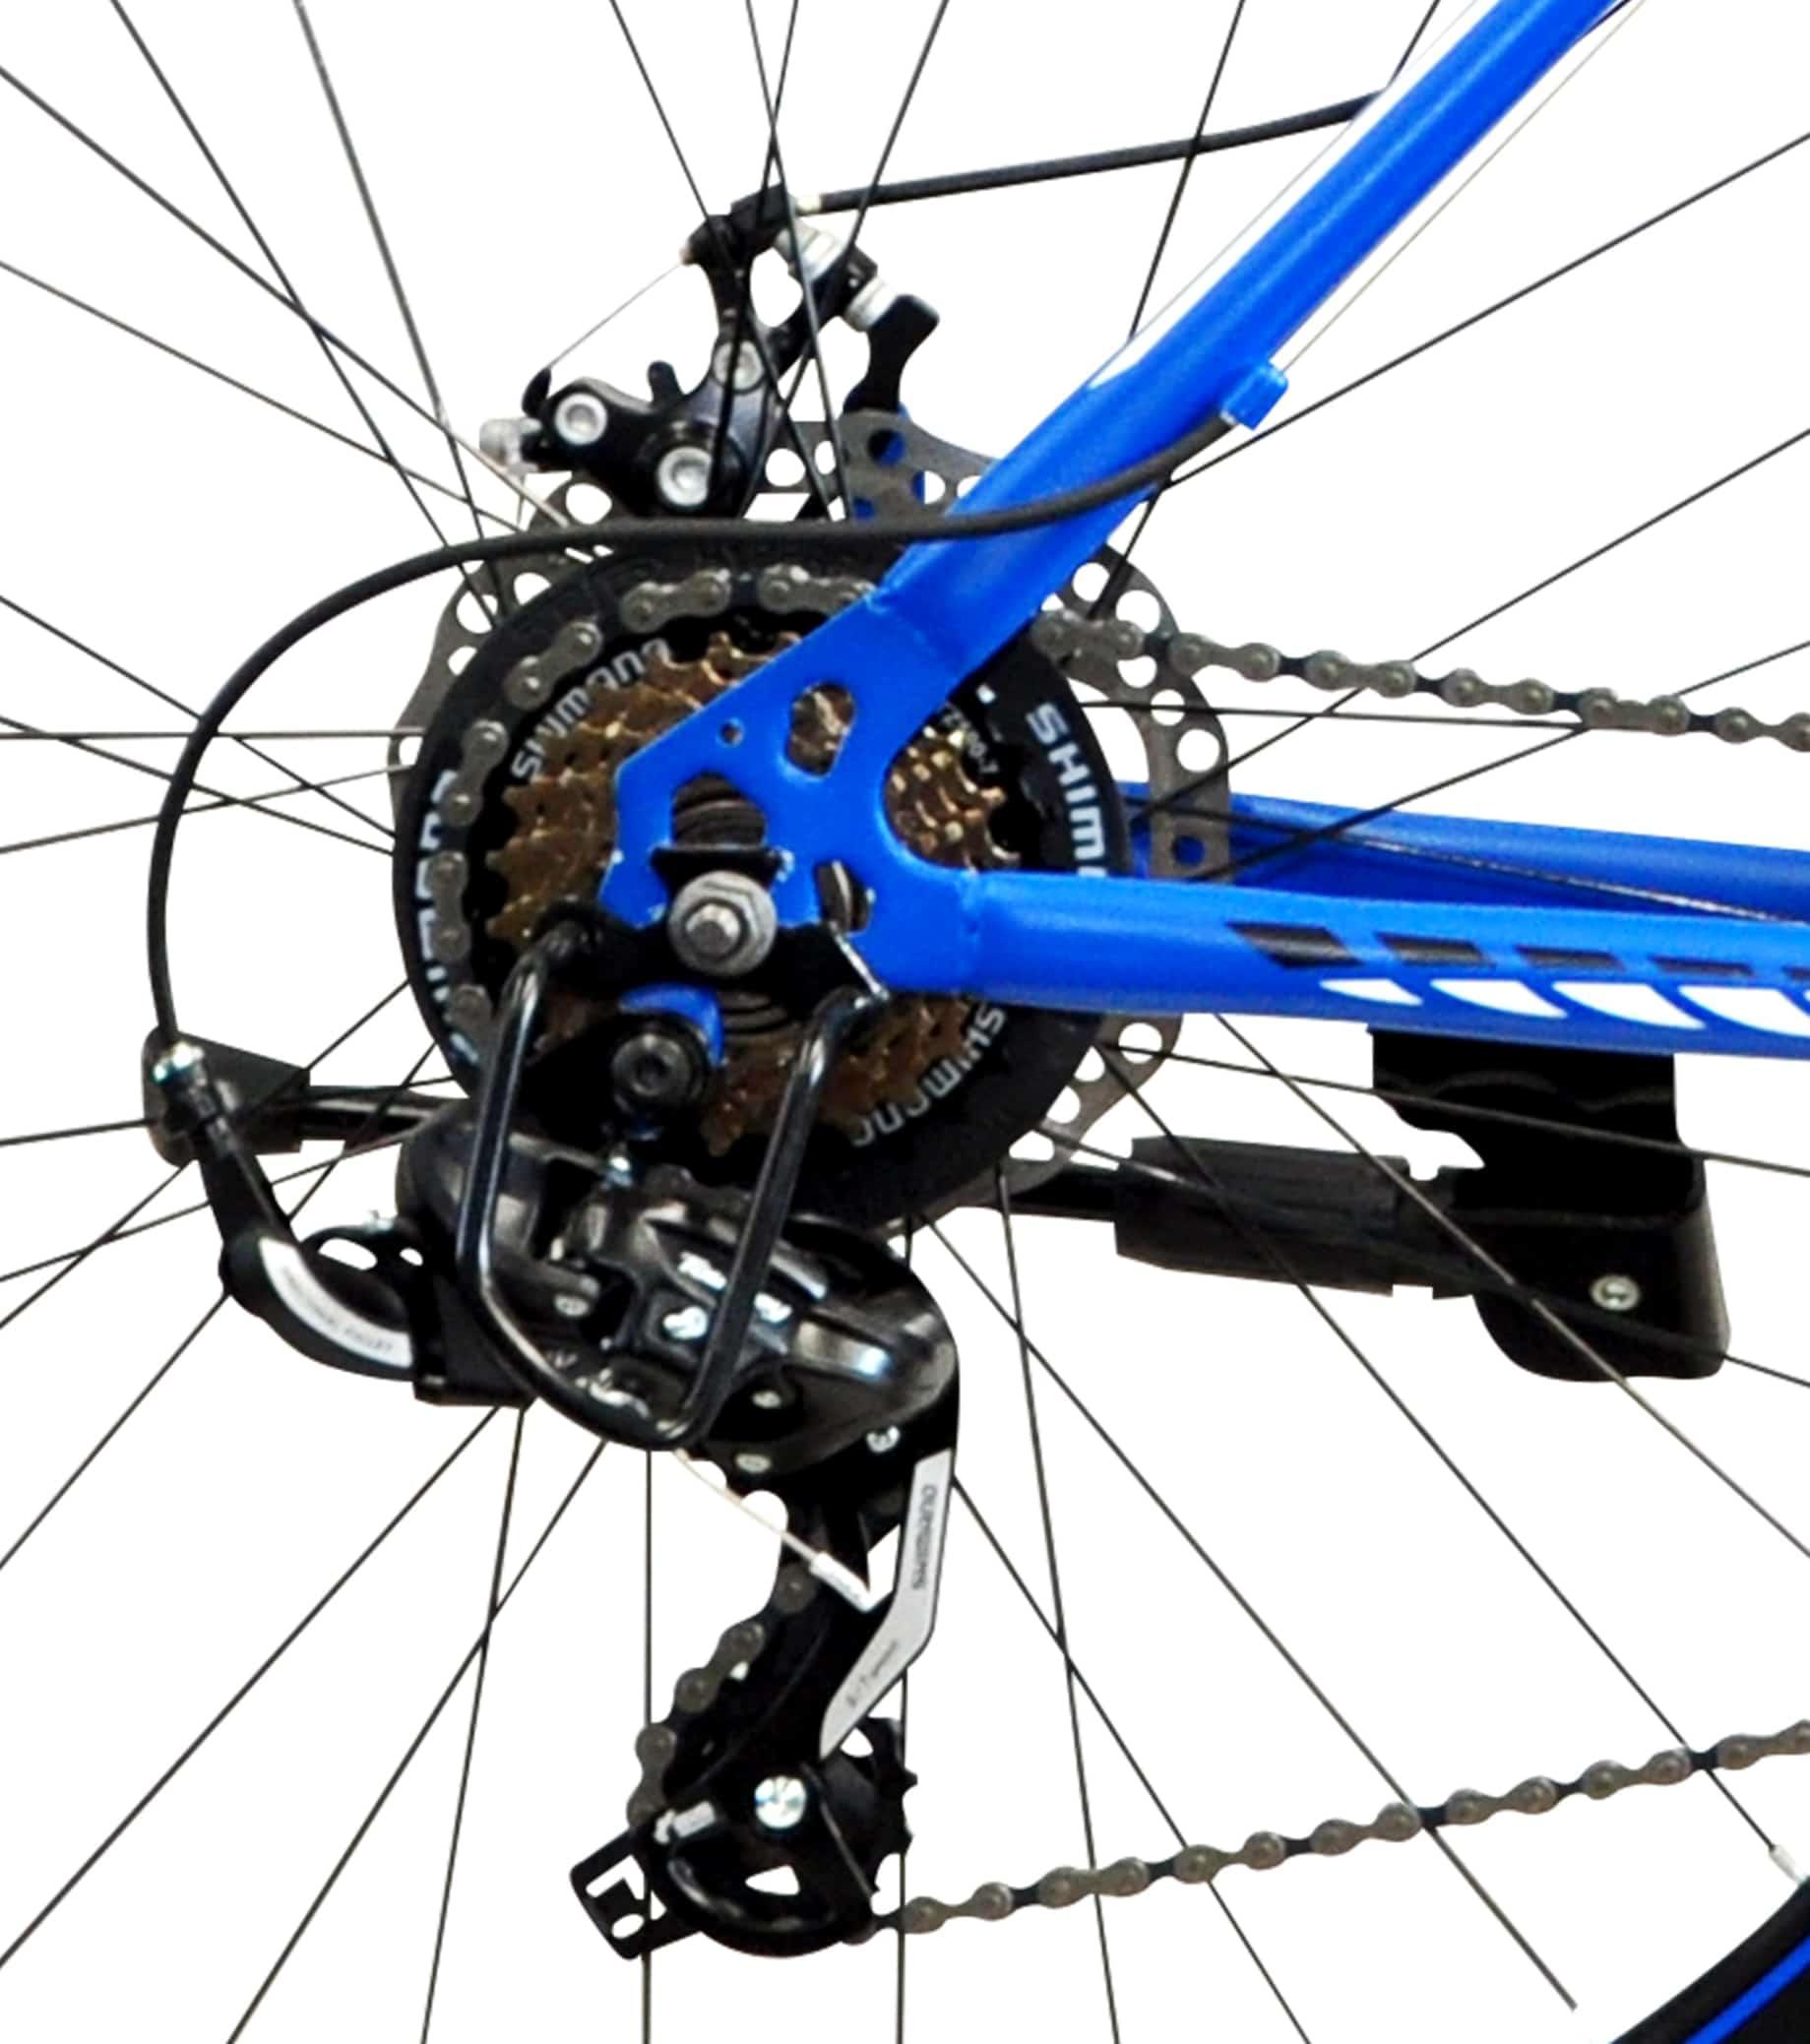 Viper X 101 27 5 Blue White image 3